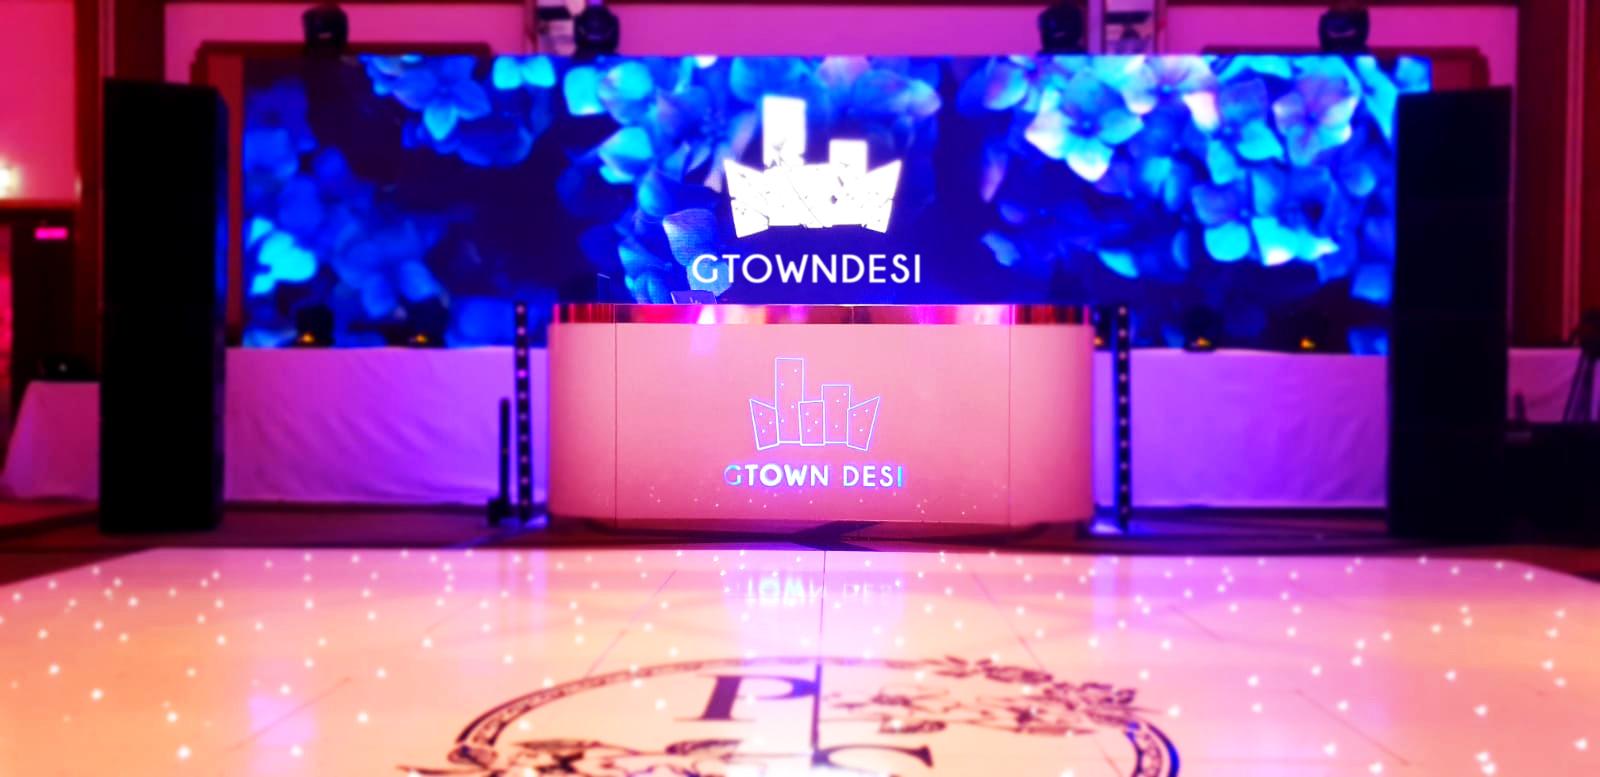 Gtown Desi Roadshow 2020